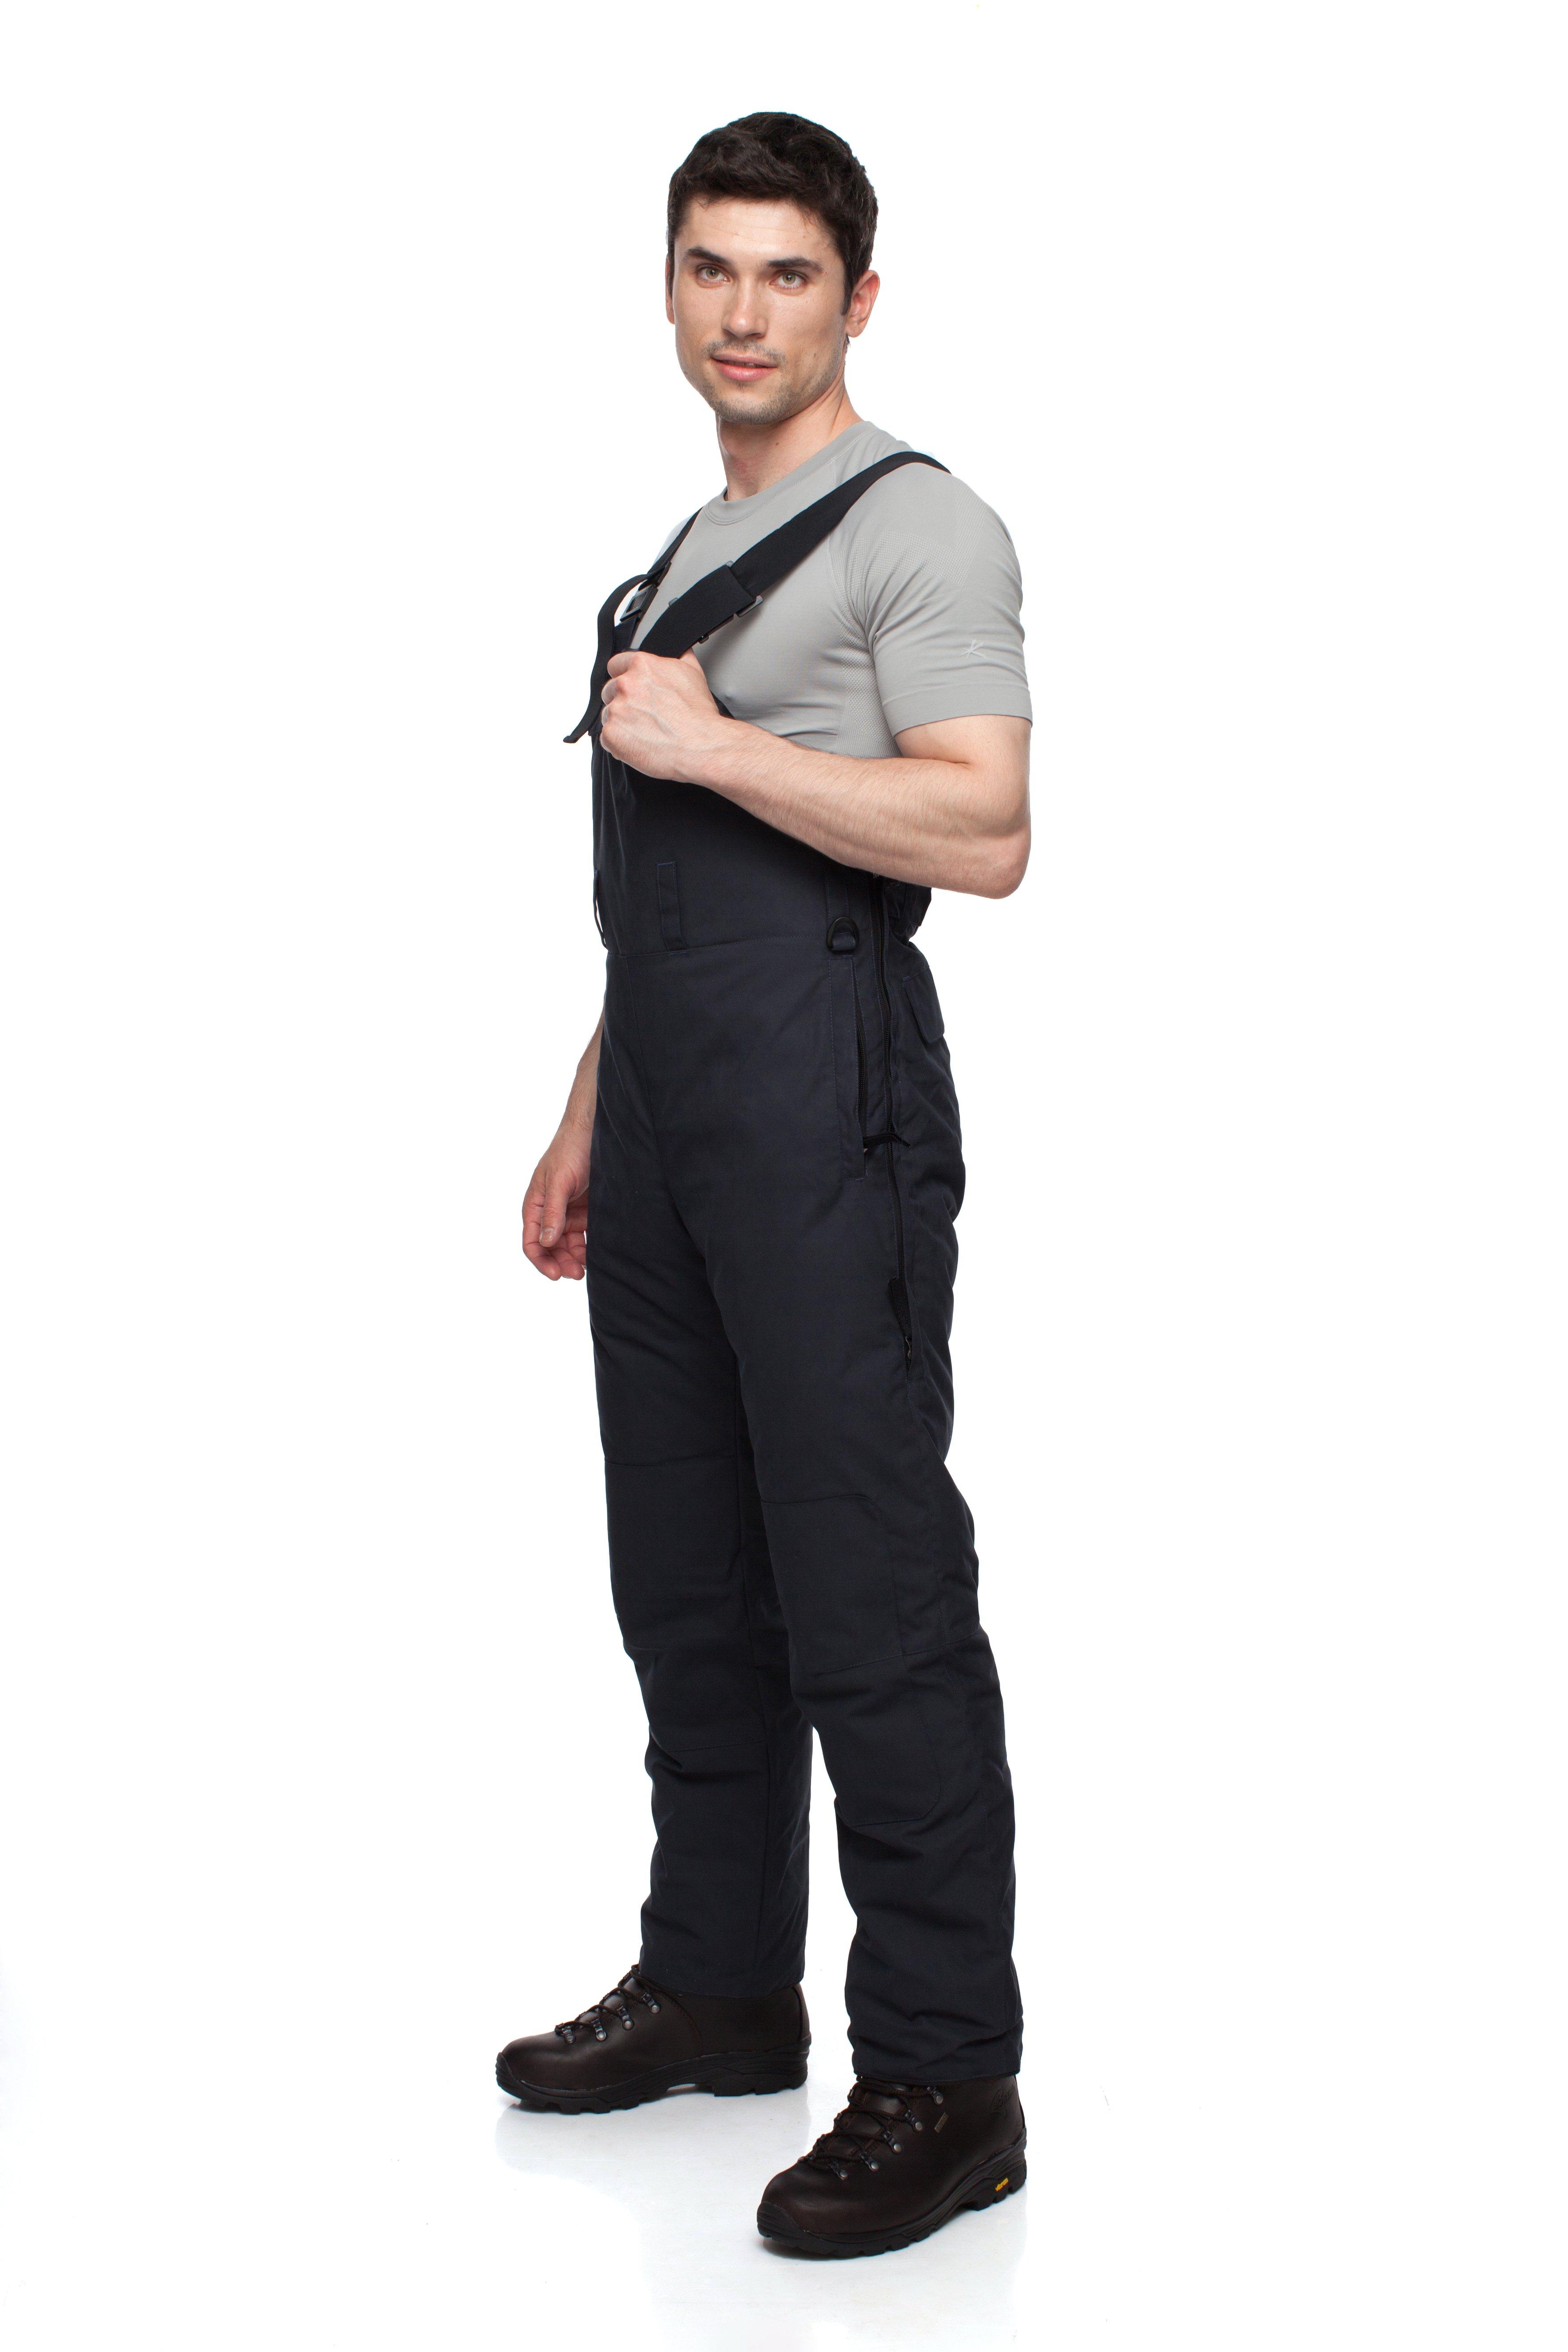 Полукомбинезон пуховый BASK TAGANAY 3777Теплый, зимний &amp;nbsp;мужской пуховой полукомбинезон с высокой спинкой и грудкой. Идеально подходят к курткам из мужской серии &amp;laquo;За Полярным Кругом&amp;raquo;.<br><br>Верхняя ткань: Advance® Alaska<br>Влагозащитные молнии: Нет<br>Влагонепроницаемость: 10000<br>Внутренняя ткань: Advance® Classic<br>Водонепроницаемость: 10000<br>Количество внешних карманов: 1<br>Объемный крой коленей: Да<br>Отстегивающийся задний клапан: Нет<br>Пол: Муж.<br>Регулировка объема нижней части штанин: Да<br>Регулировка пояса: Да<br>Регулируемые бретели: Да<br>Регулируемые вентиляционные отверстия: Нет<br>Самосбросы: Нет<br>Система крепления к нижней части брюк: Нет<br>Снегозащитные муфты: Нет<br>Съемные защитные вкладыши: Нет<br>Технология Thermal Welding: Нет<br>Тип утеплителя: натуральный<br>Тип шва: простые<br>Усиление швов закрепками: Да<br>Утеплитель: гусиный пух<br>Функциональная молния спереди: Да<br>Размер RU: 46<br>Цвет: СИНИЙ